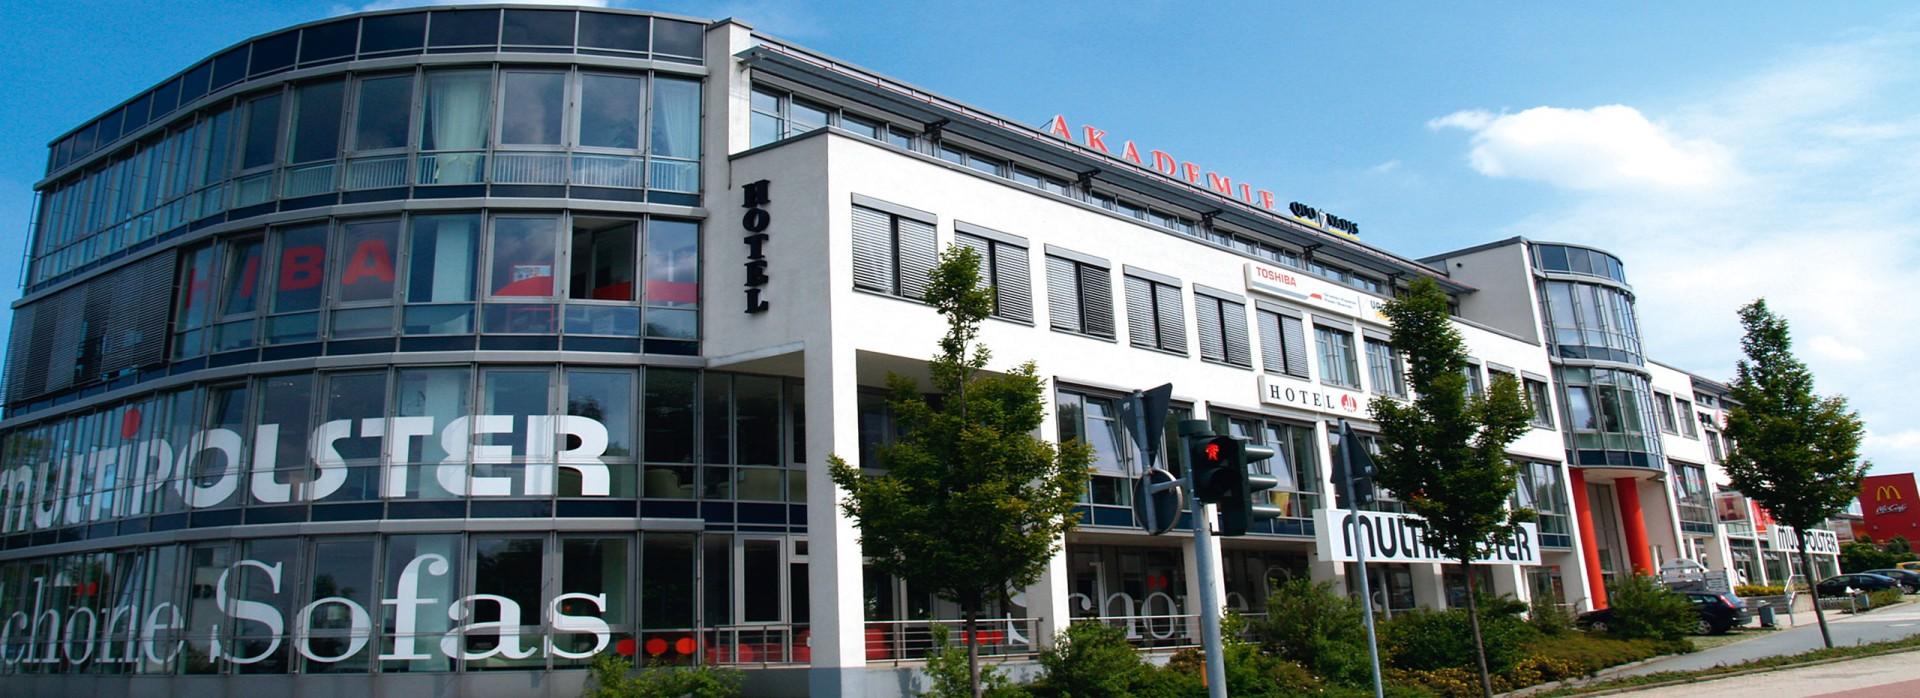 Multipolster Chemnitz Leipziger Str 2 Bewertungen Chemnitz